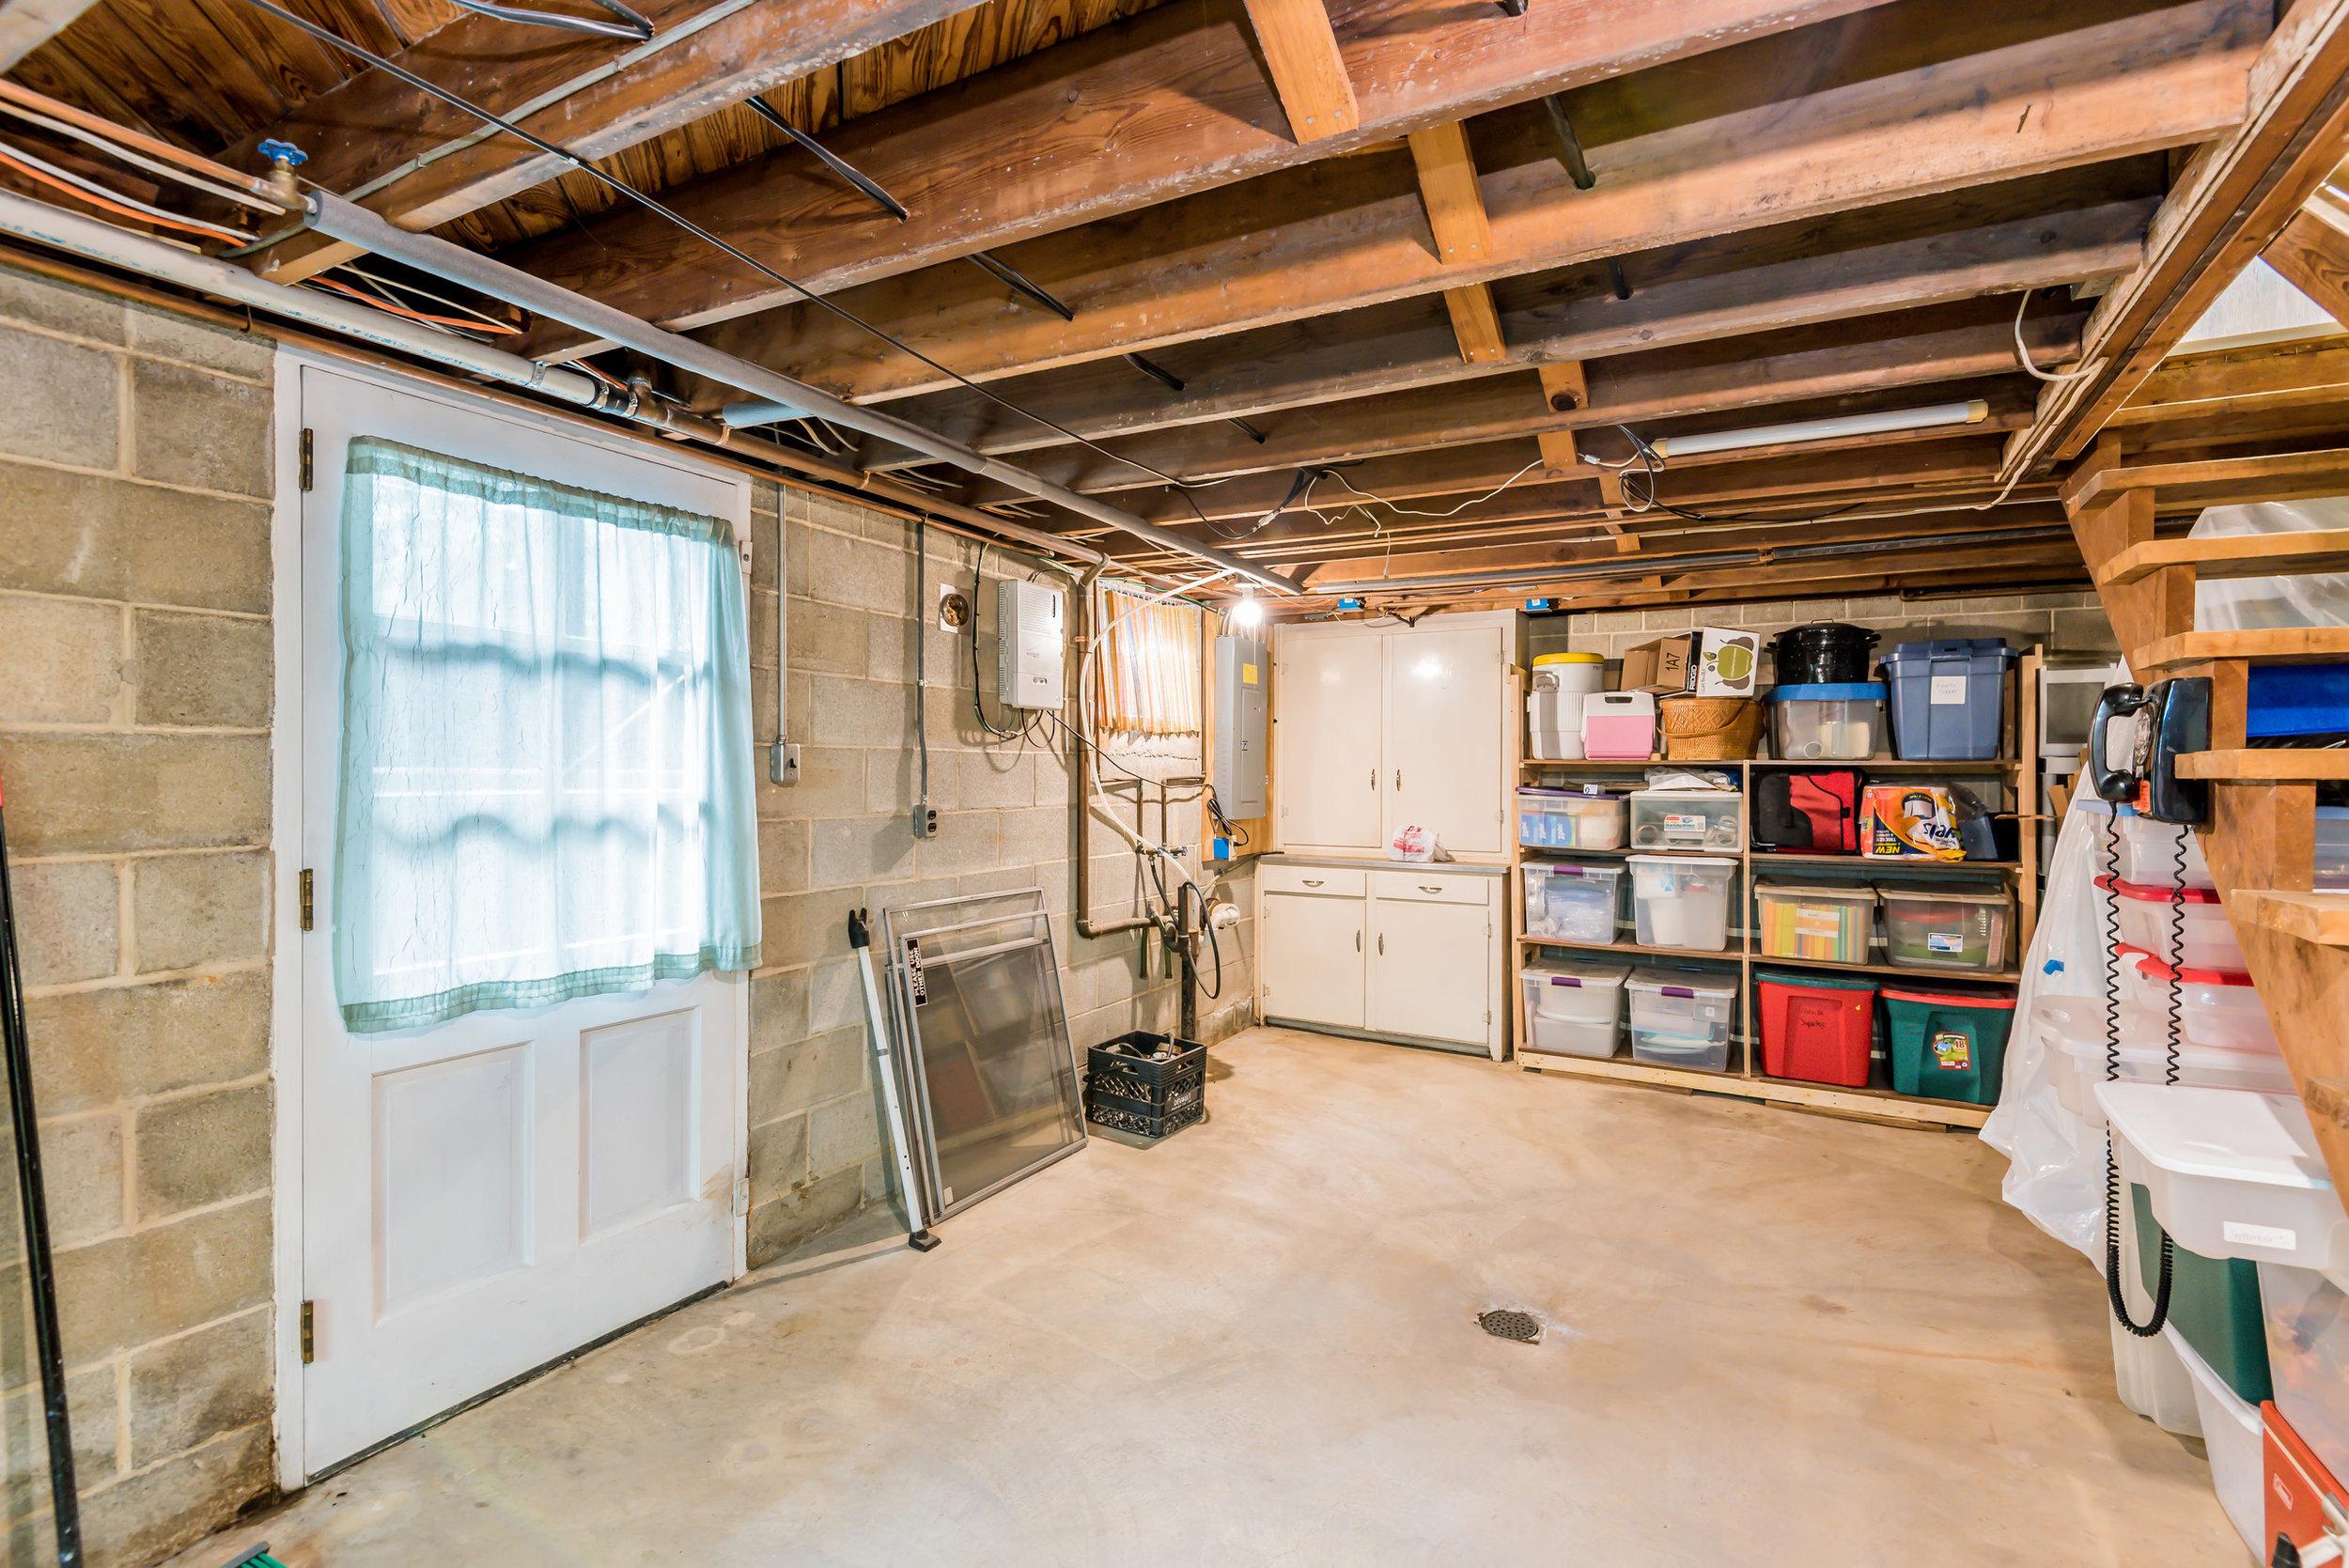 basement_1_of_1_-4.jpg